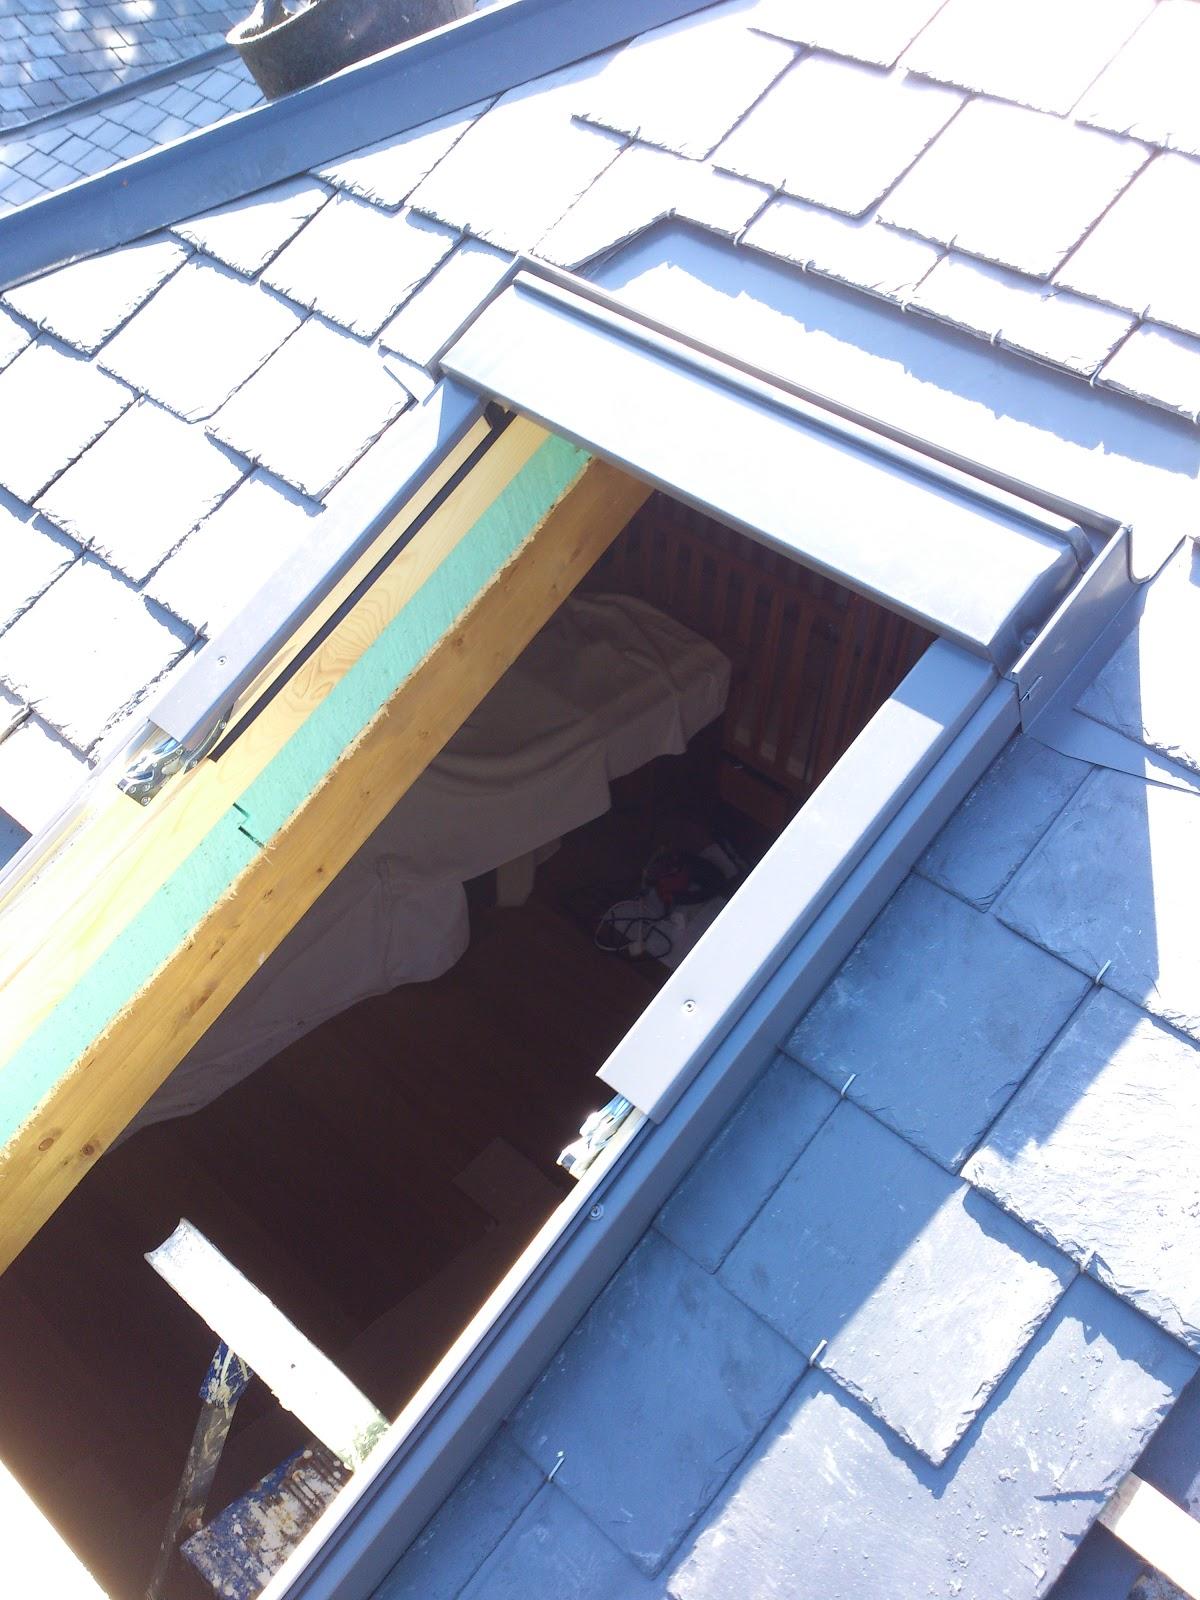 Reparaci n de tejados de pizarra andres ramos tejado de pizarra en galapagar madrid - Cubierta de pizarra ...